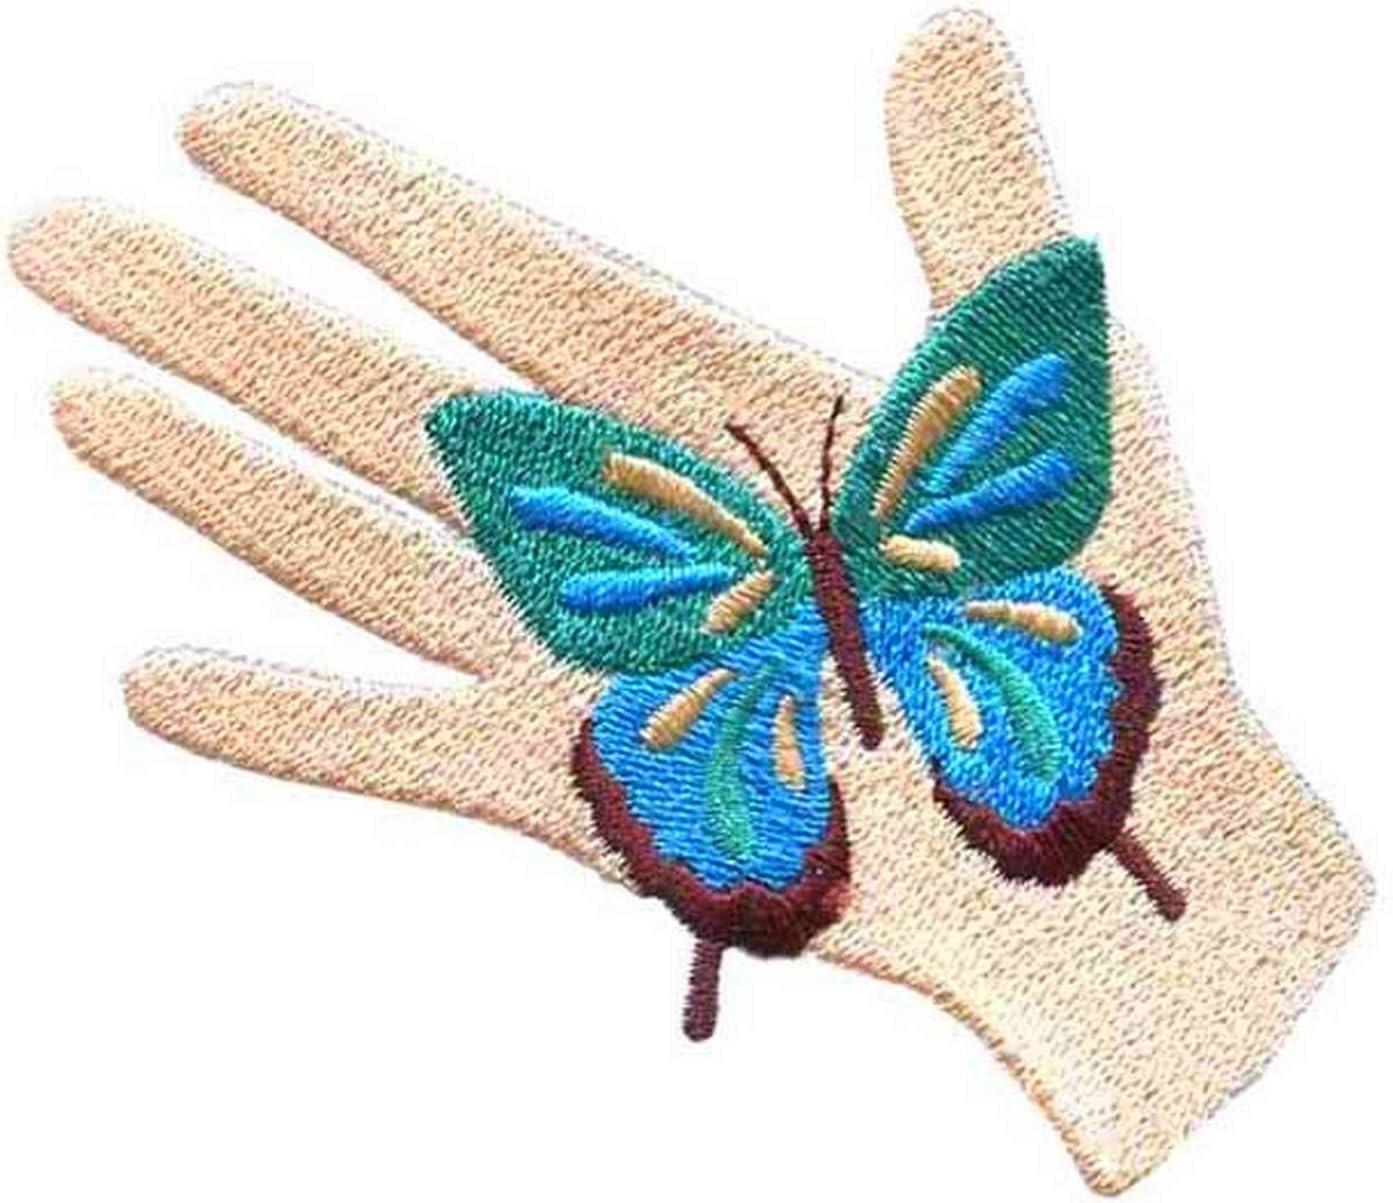 /à Coudre ou /à Repasser 8 cm x 6 cm /écusson enti/èrement brod/é et thermocollant Lilie Crea Patch Main avec Un Papillon